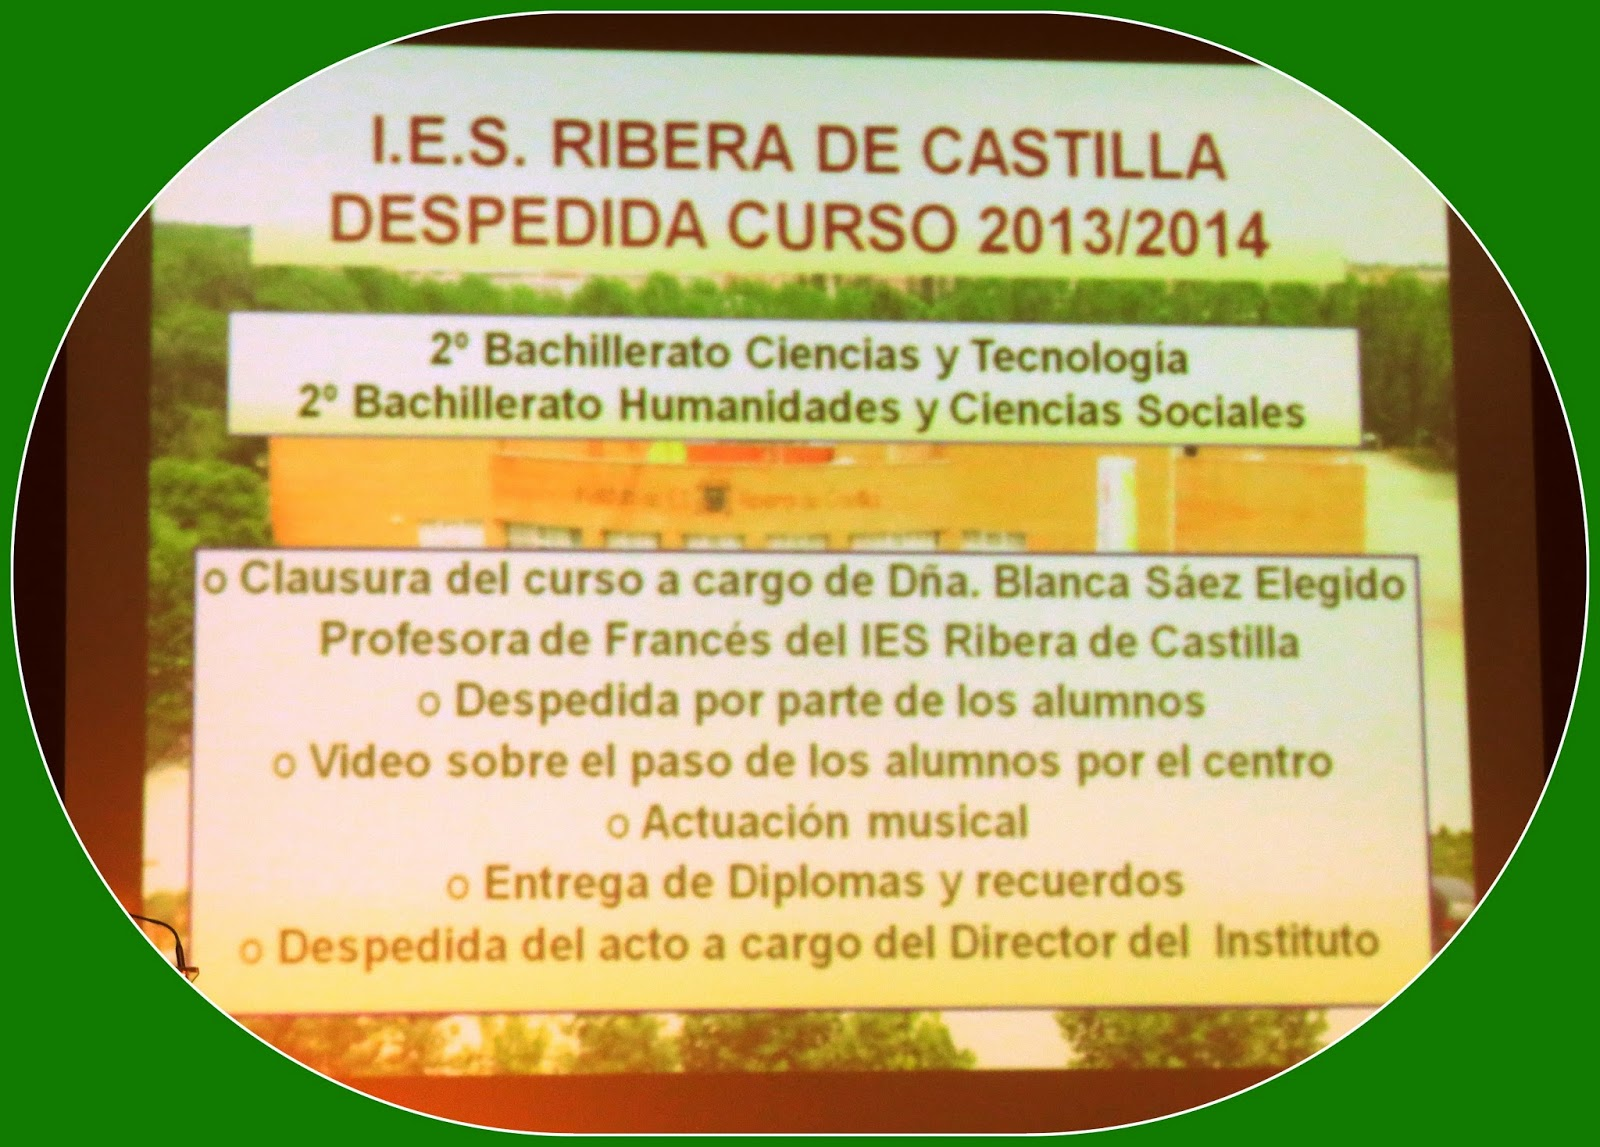 DE CASTILLA (Valladolid): graduación segundo bachillerato 2013/14